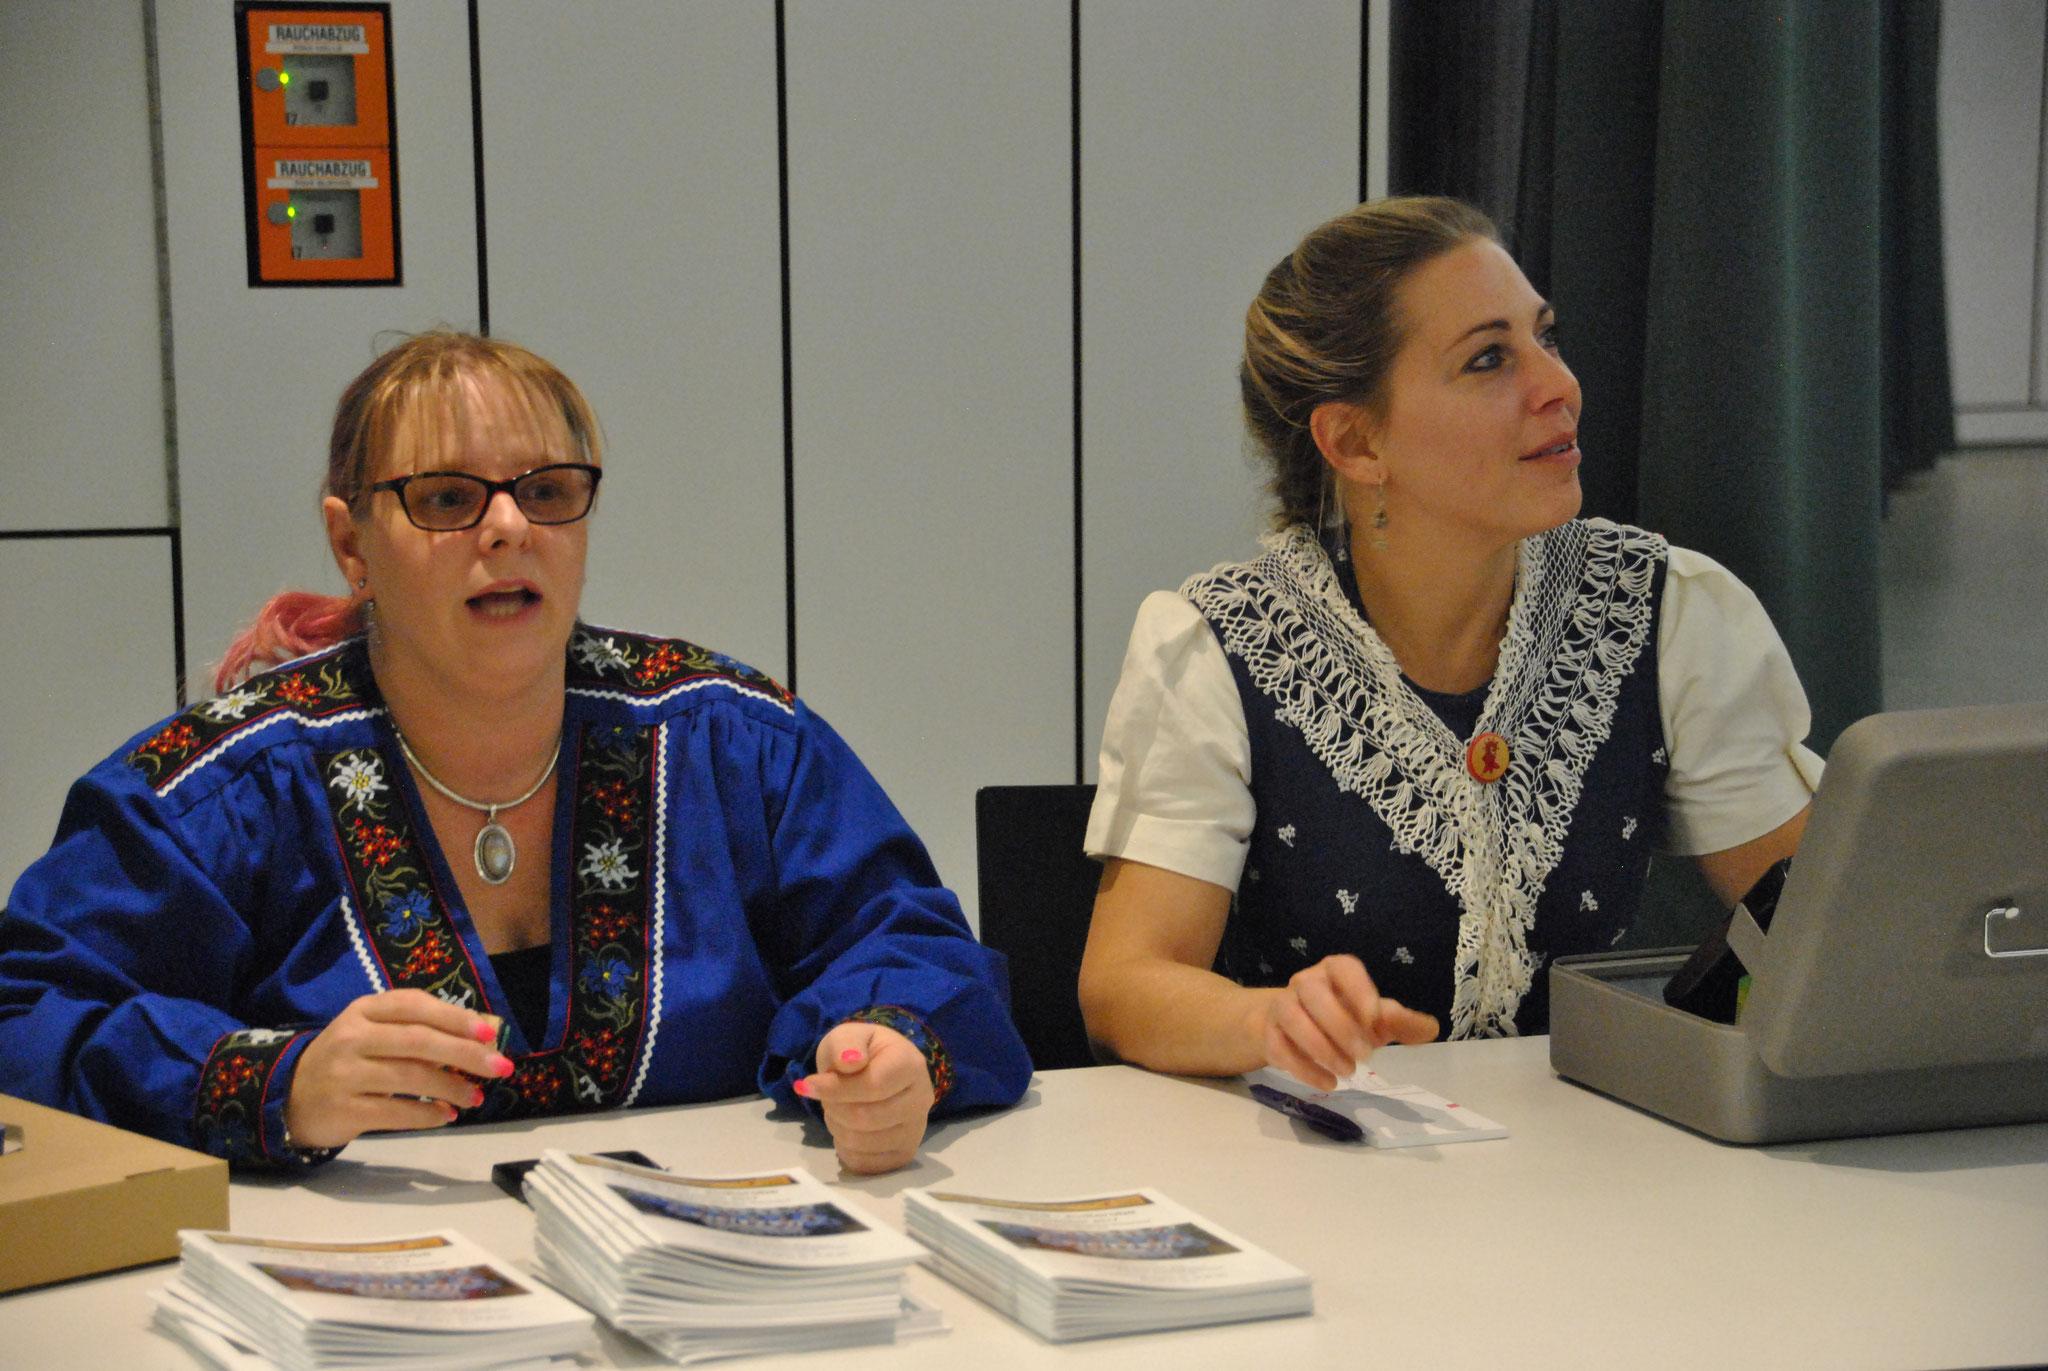 Carmen und Bernadette an dr Kasse